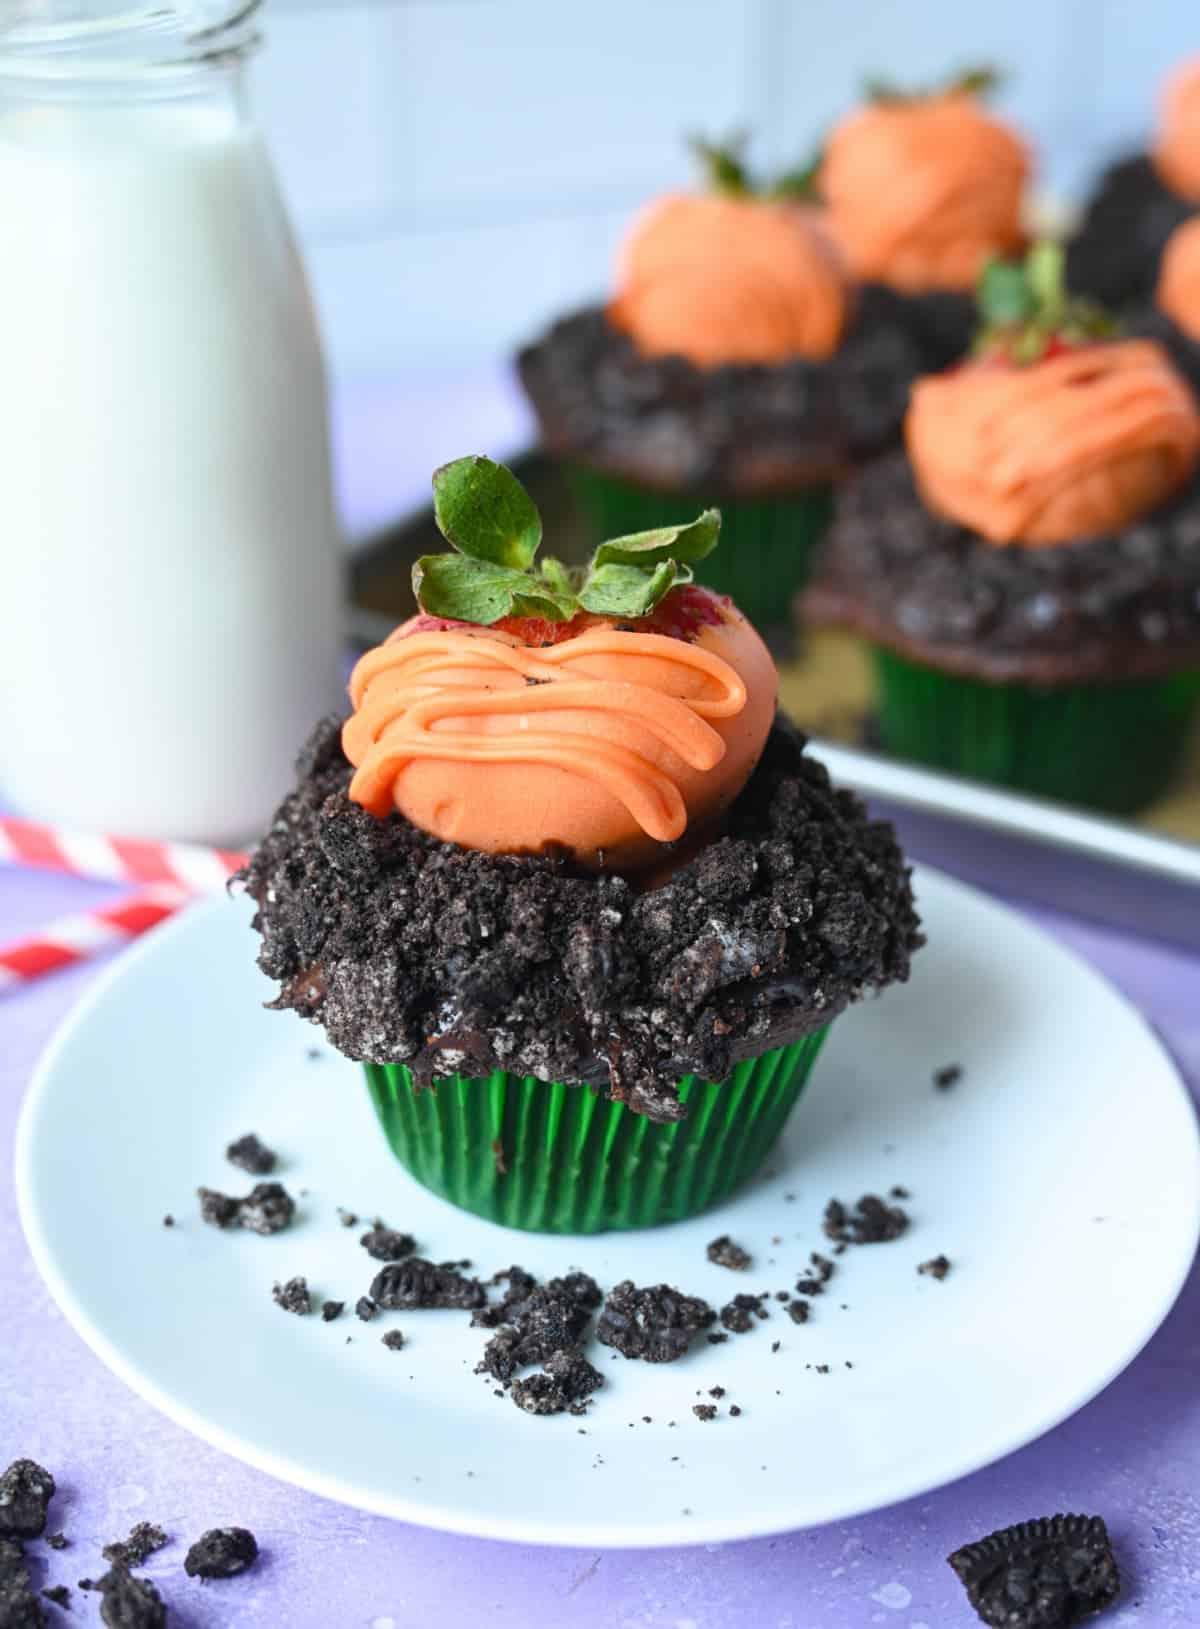 O cupcake de ciocolată cu firimituri de oreo deasupra și o căpșună acoperită cu ciocolată deasupra pentru a semăna cu un morcov.